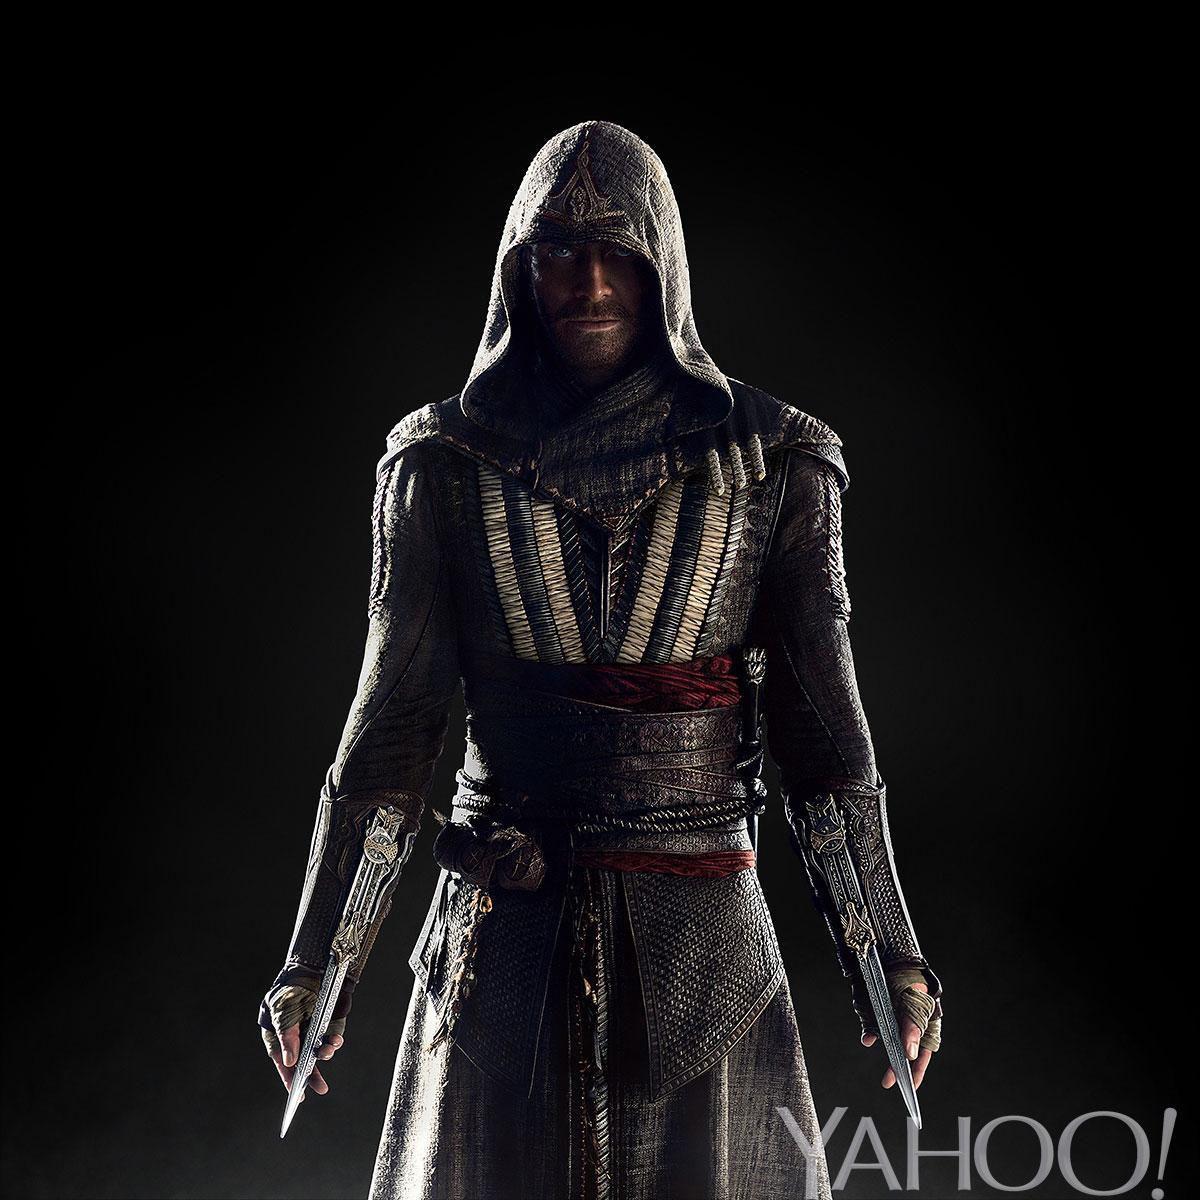 Primeira imagem de Michael Fassbender como Callum Lynch em Assassin's Creed